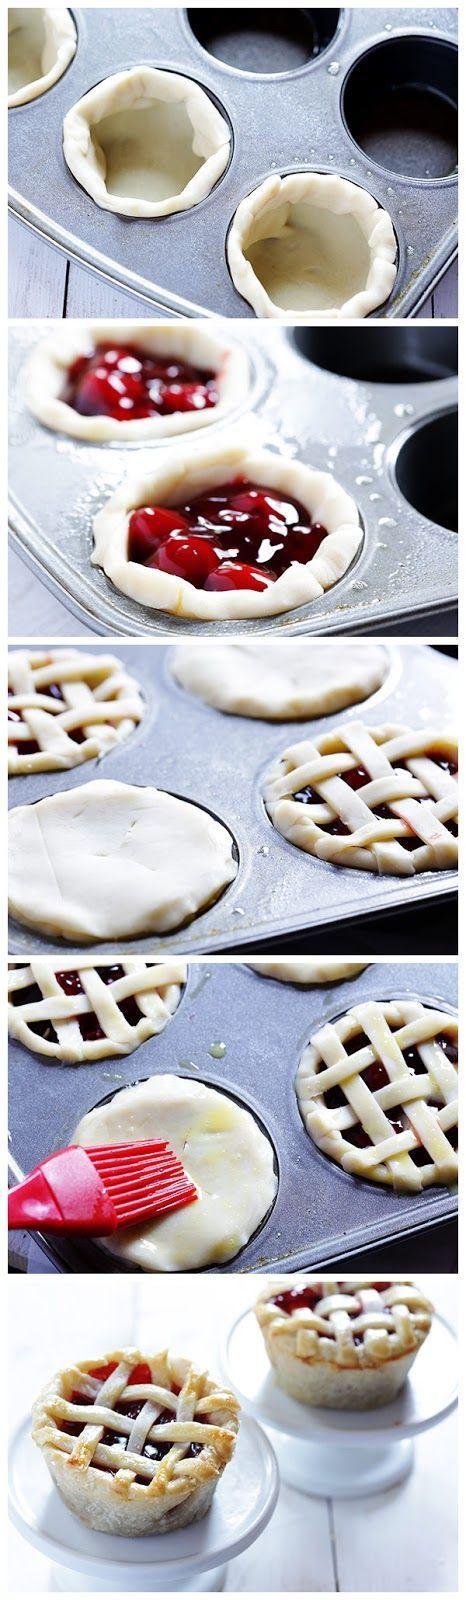 Mini Pies in a Cupcake Tin